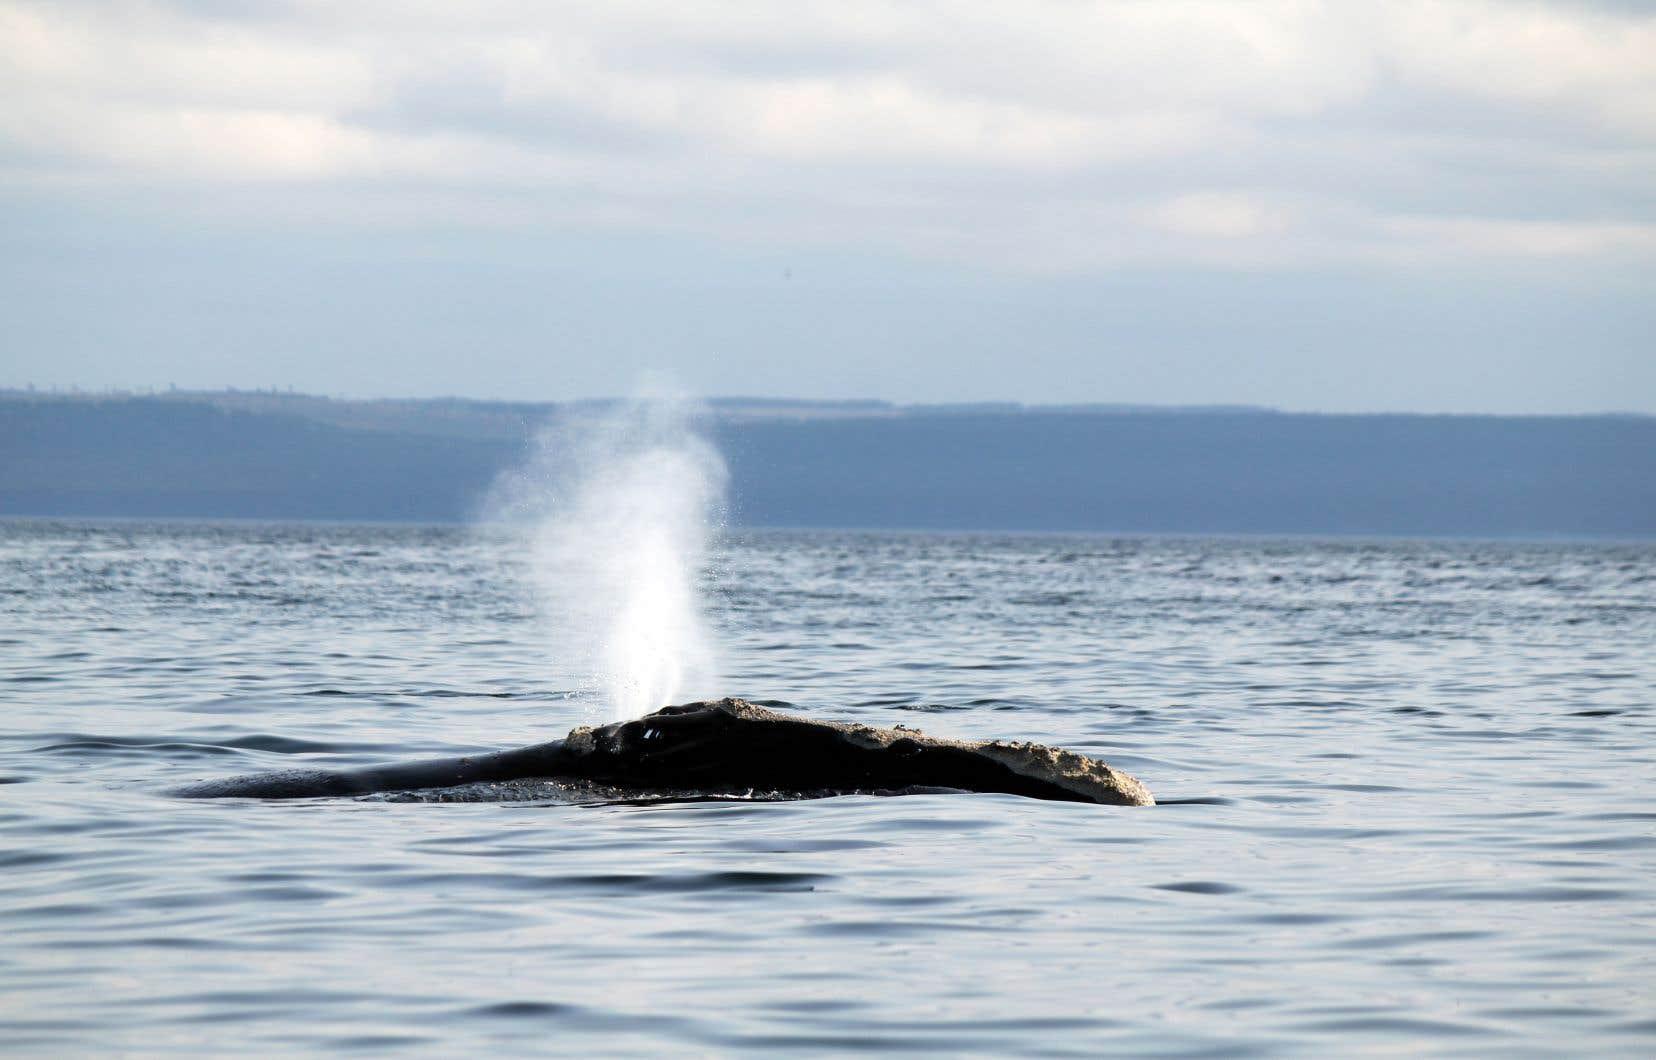 La baleine noire a été victime pendant des décennies de très nombreuses collisions fatales avec des bateaux et de l'équipement.